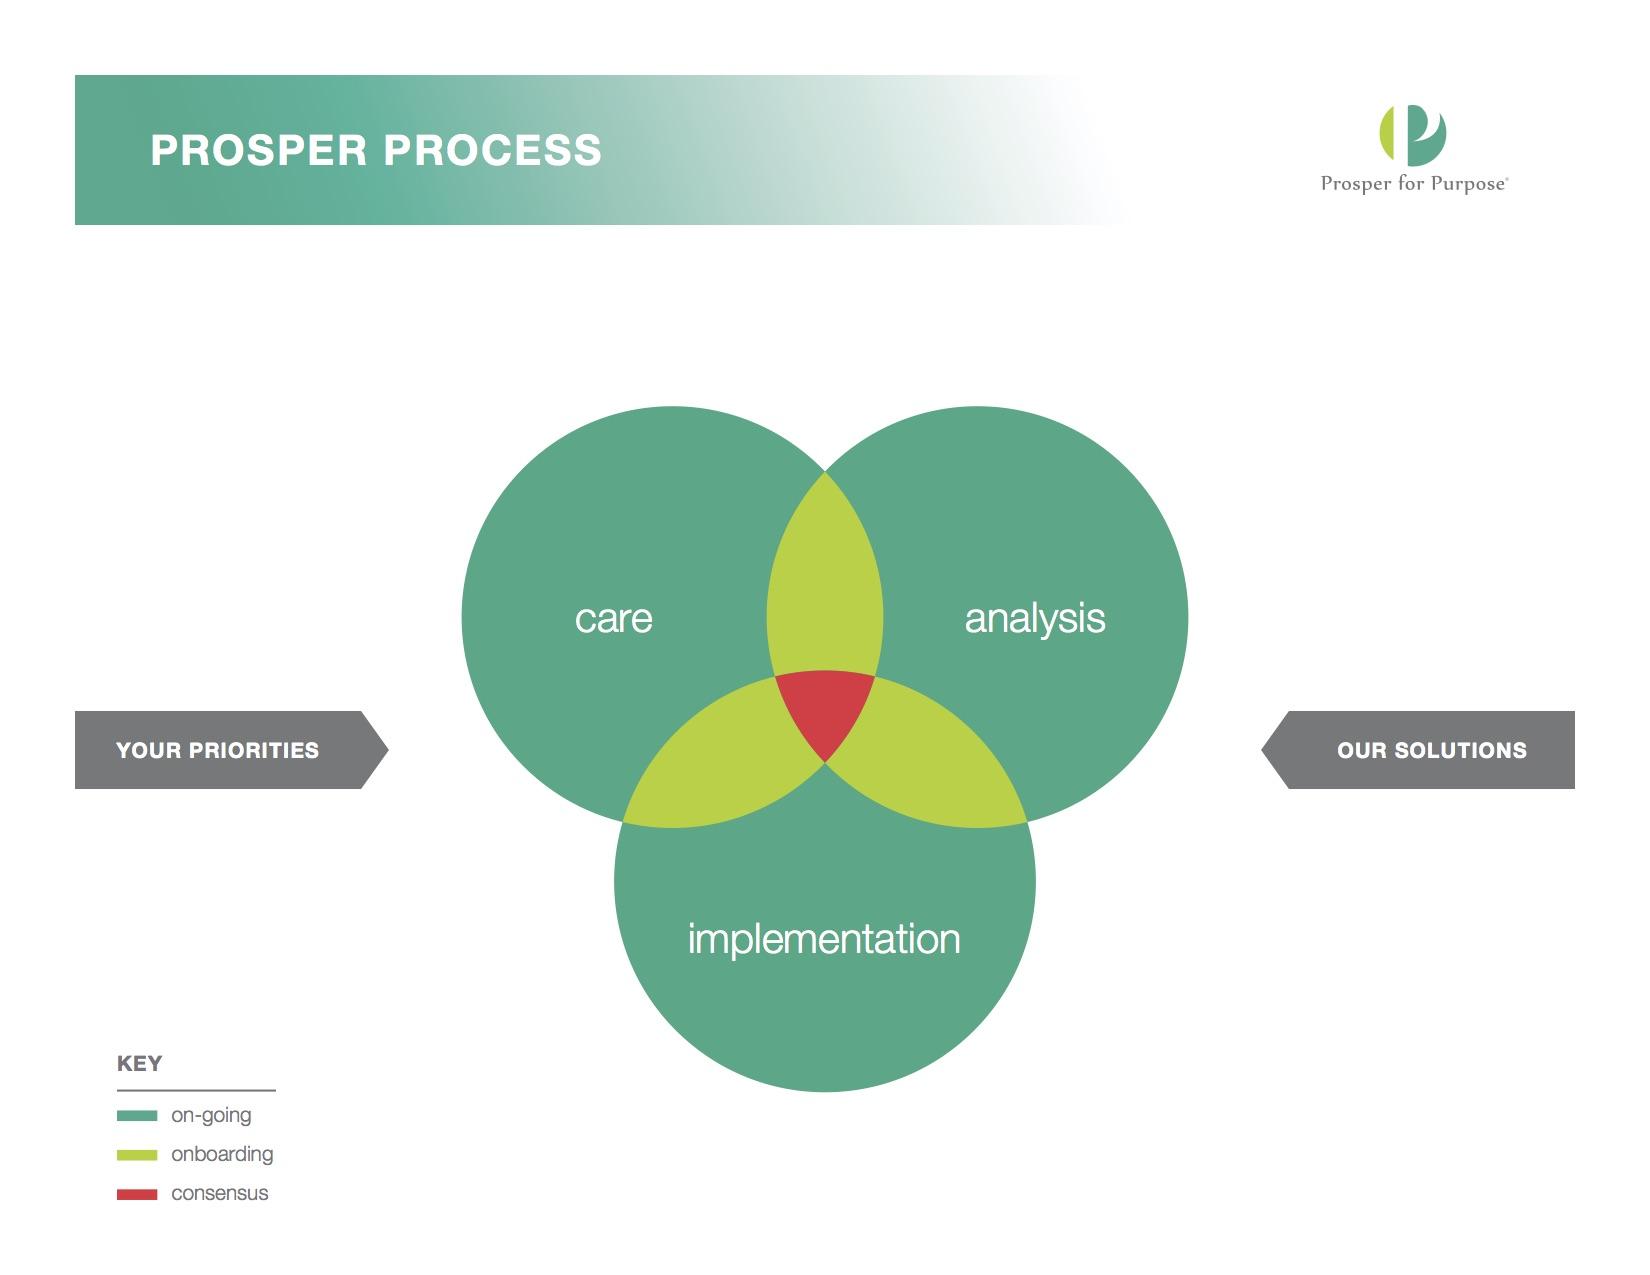 pfp-prosper-process-diagram